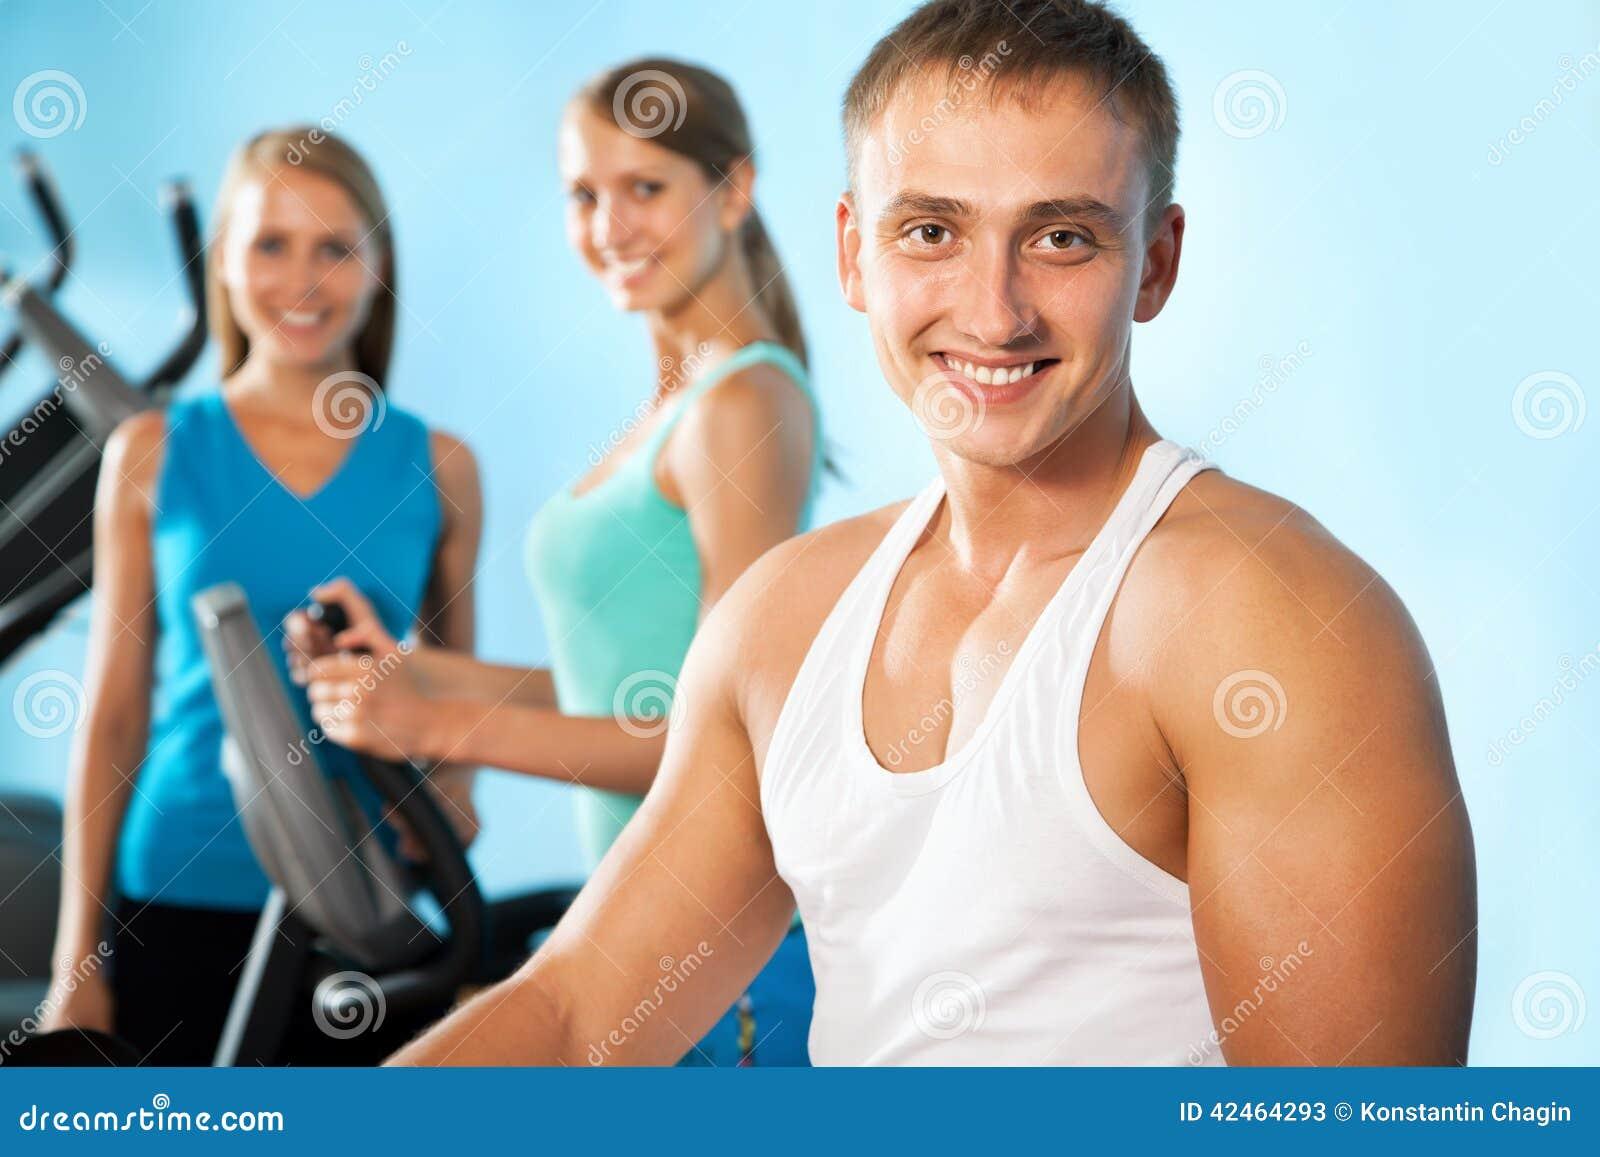 Инструктор фитнеса с людьми спортзала